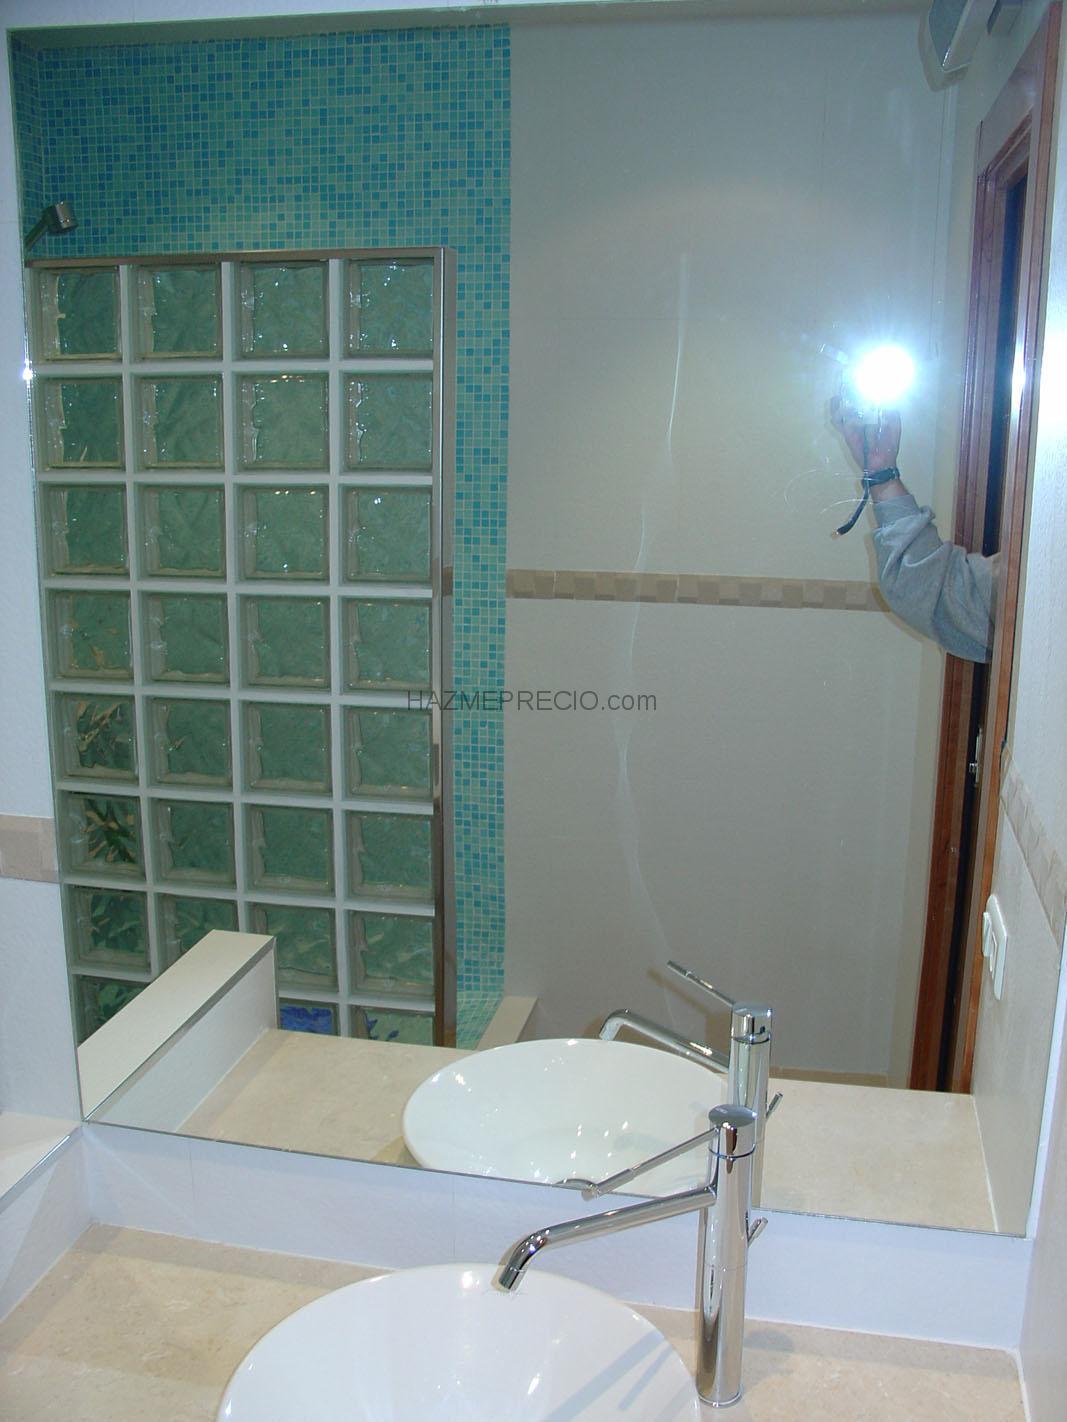 Baño Con Inodoro Separado:proyecta con una ducha de obra amplia, un inodoro y una encimera con